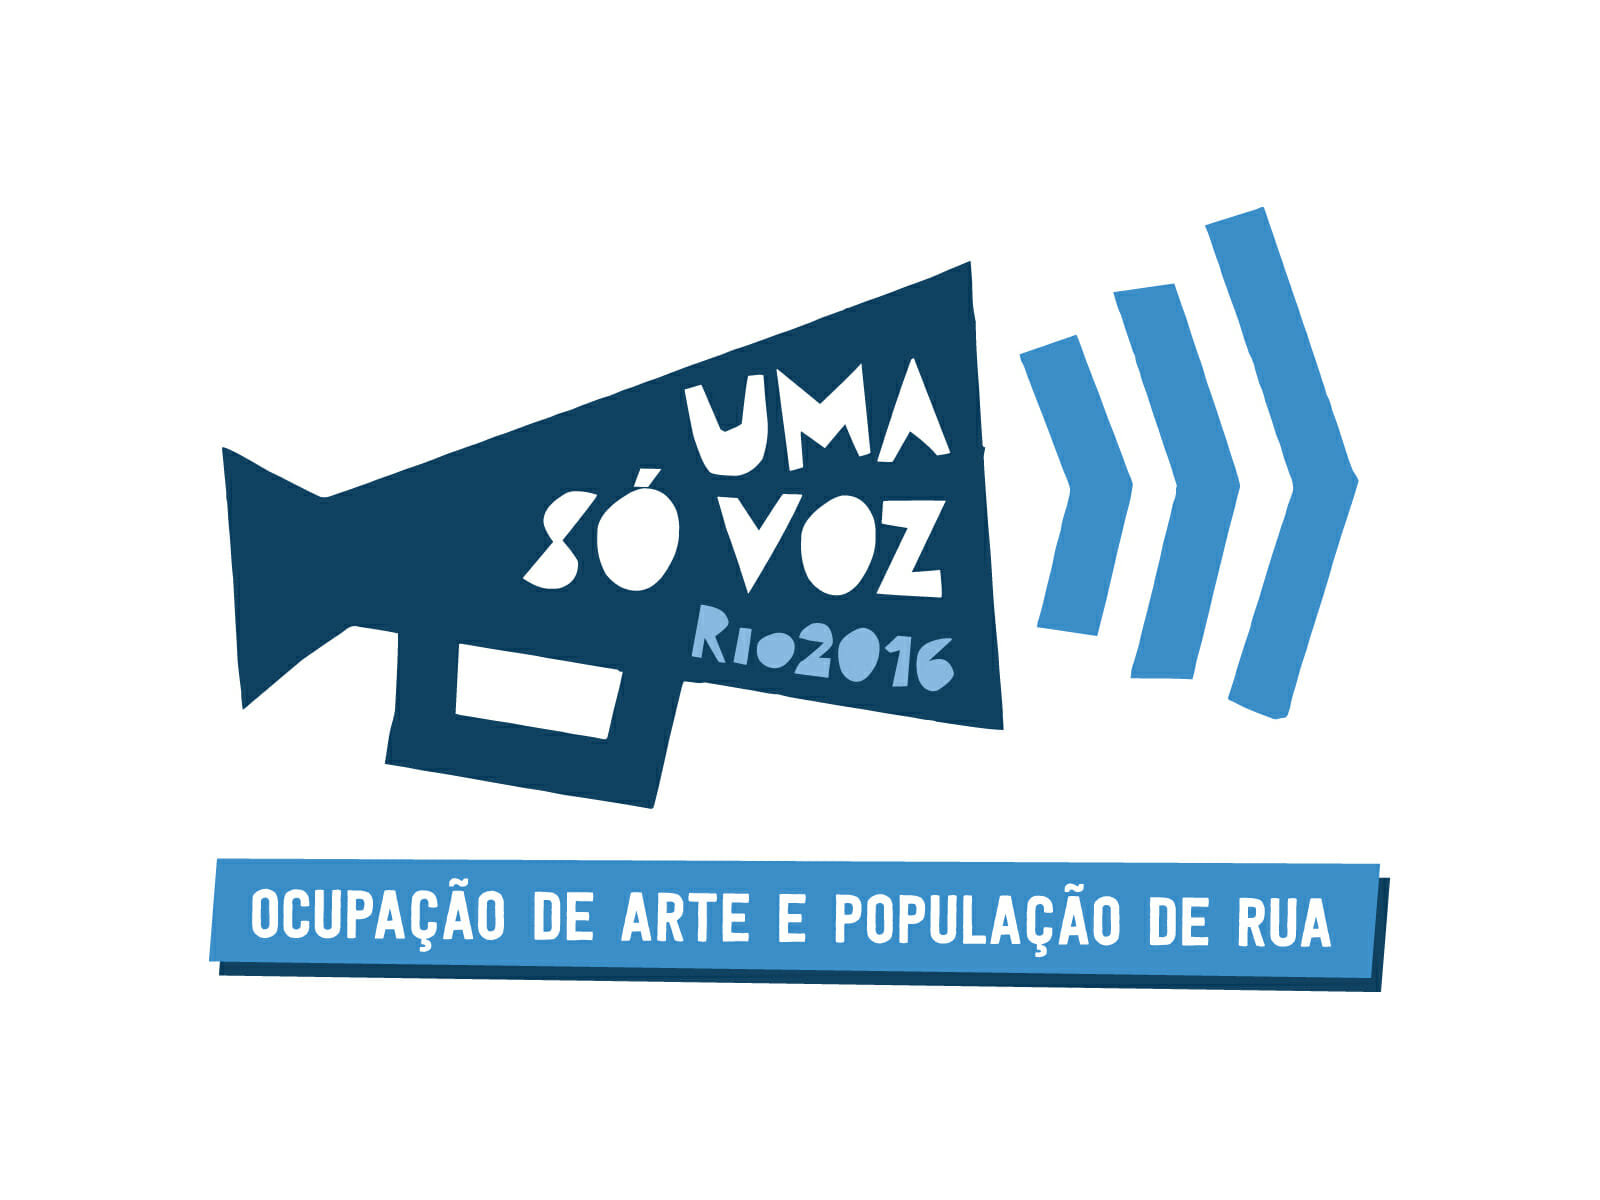 Uma_So_Voz logo